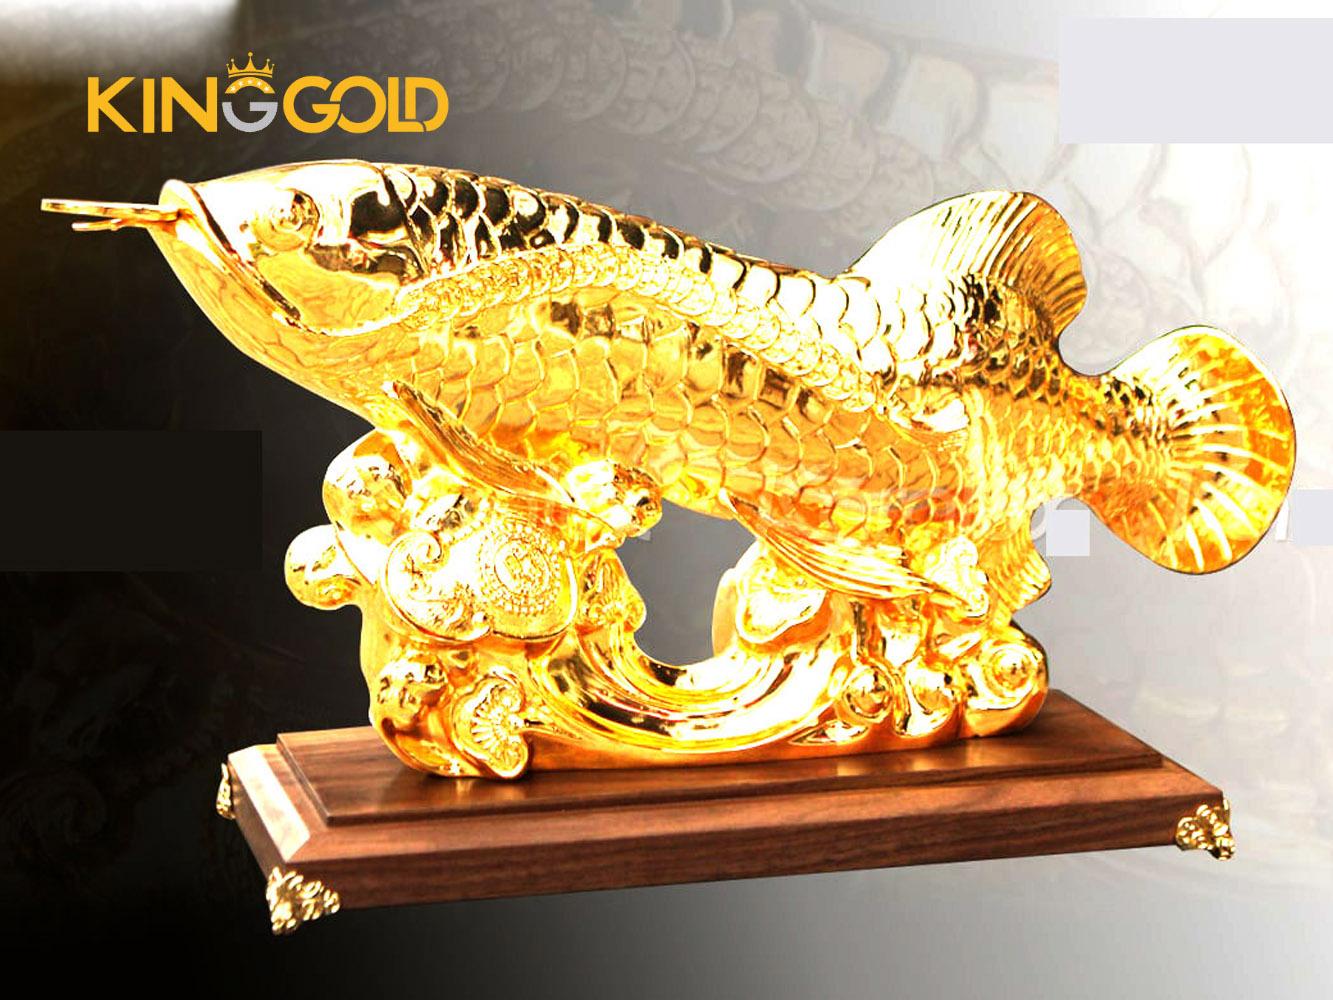 Cá rồng phong thủy, tượng cá rồng mạ vàng trang trí